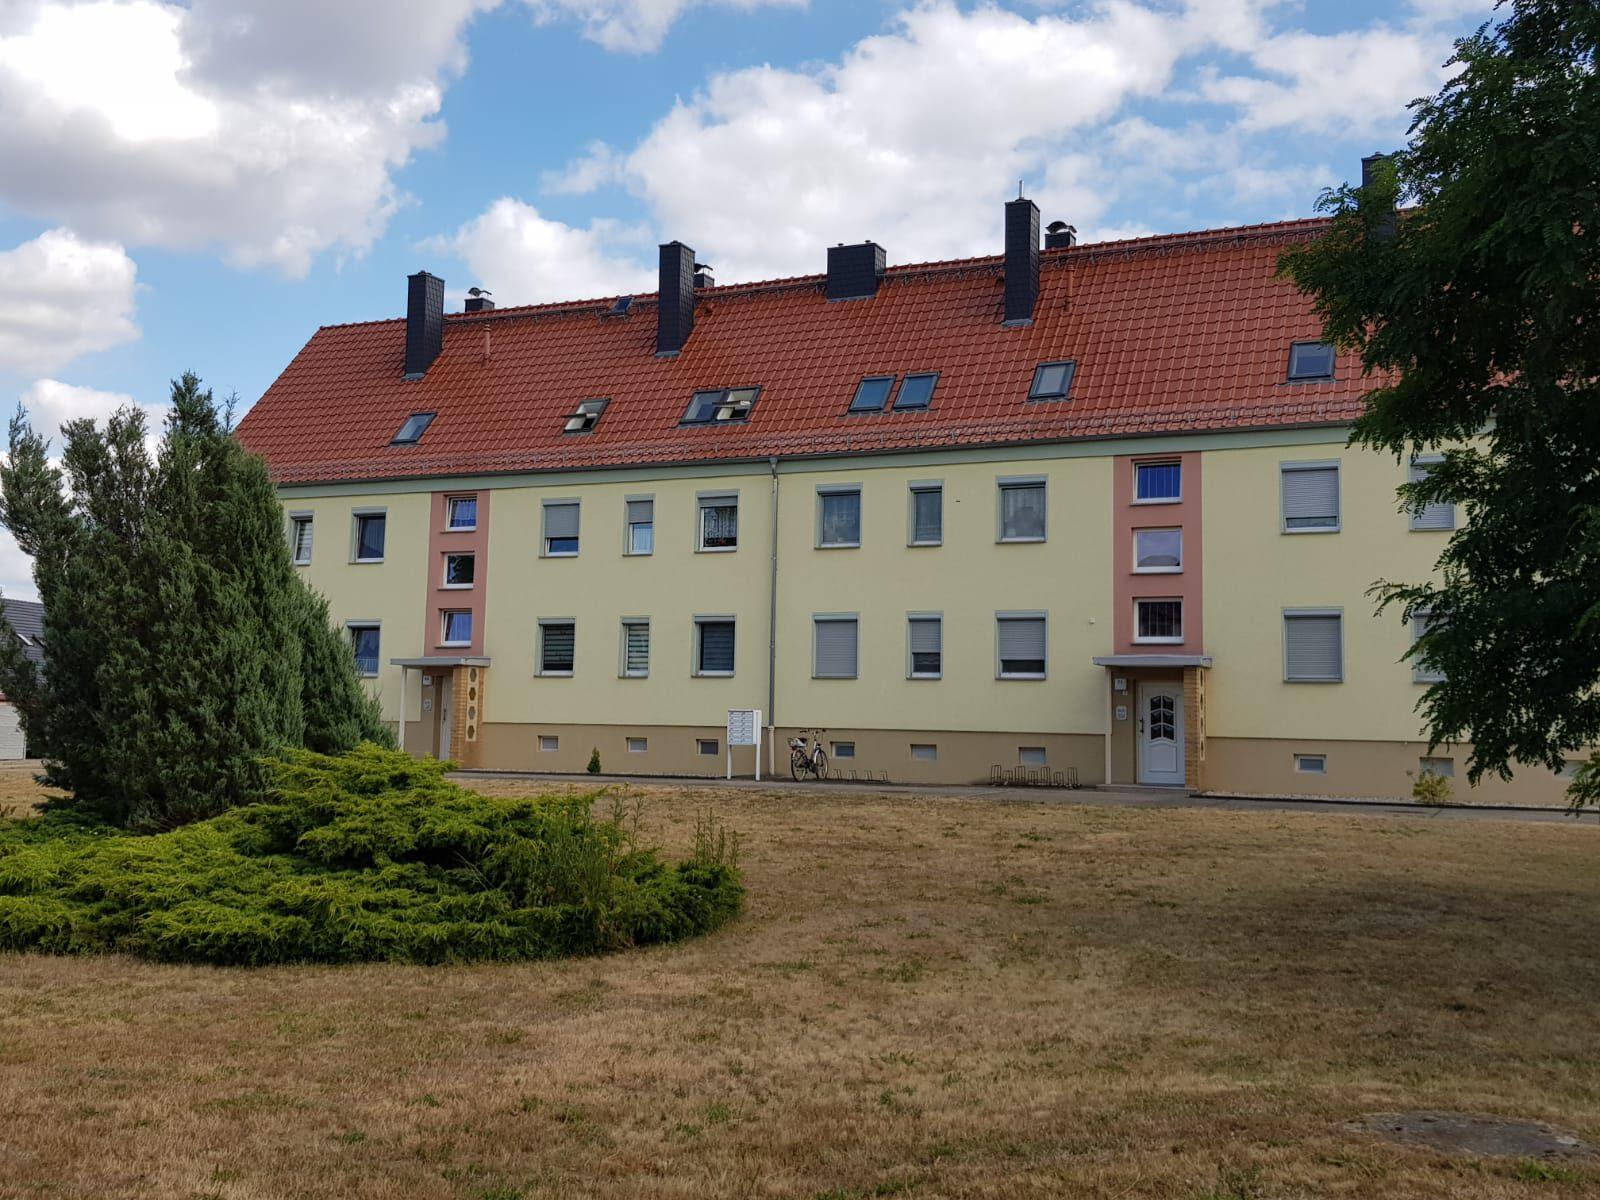 Kuschelige 2-Raum-Eigentumswohnung in ländlicher Idylle